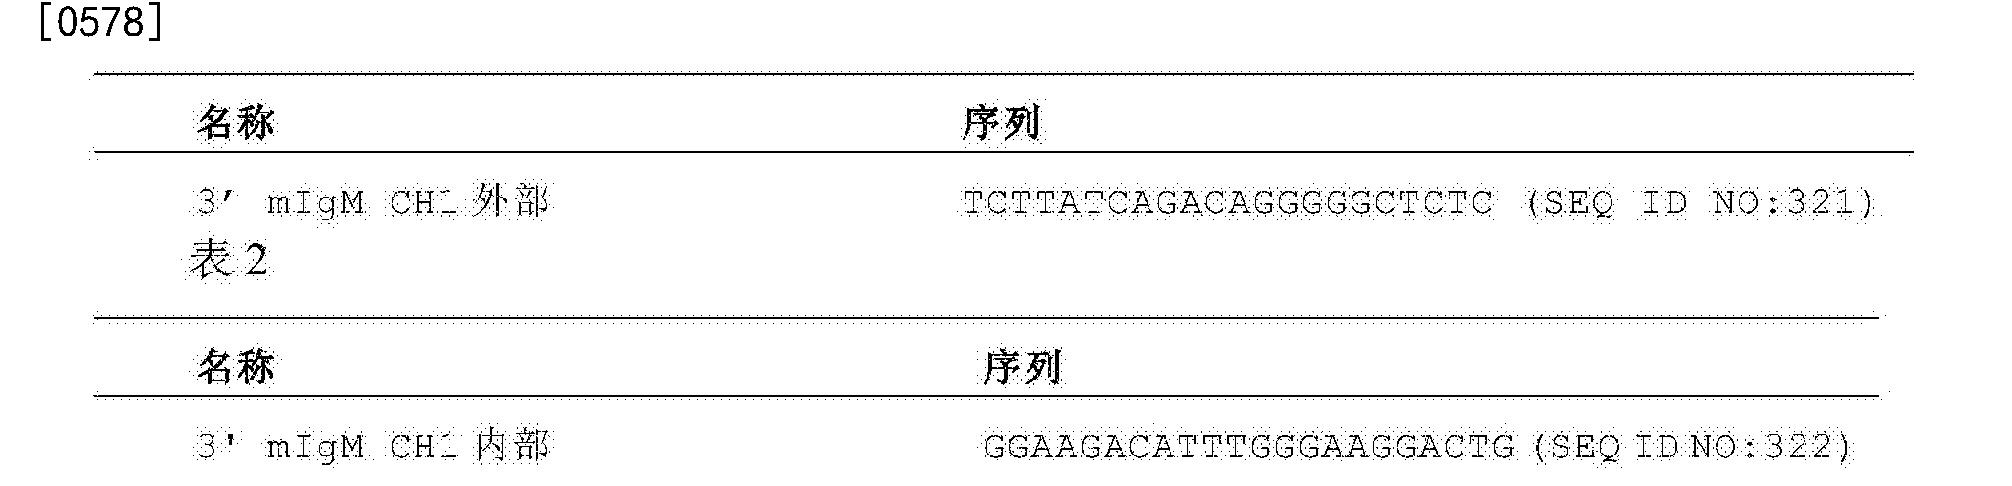 Figure CN104302170BD00721